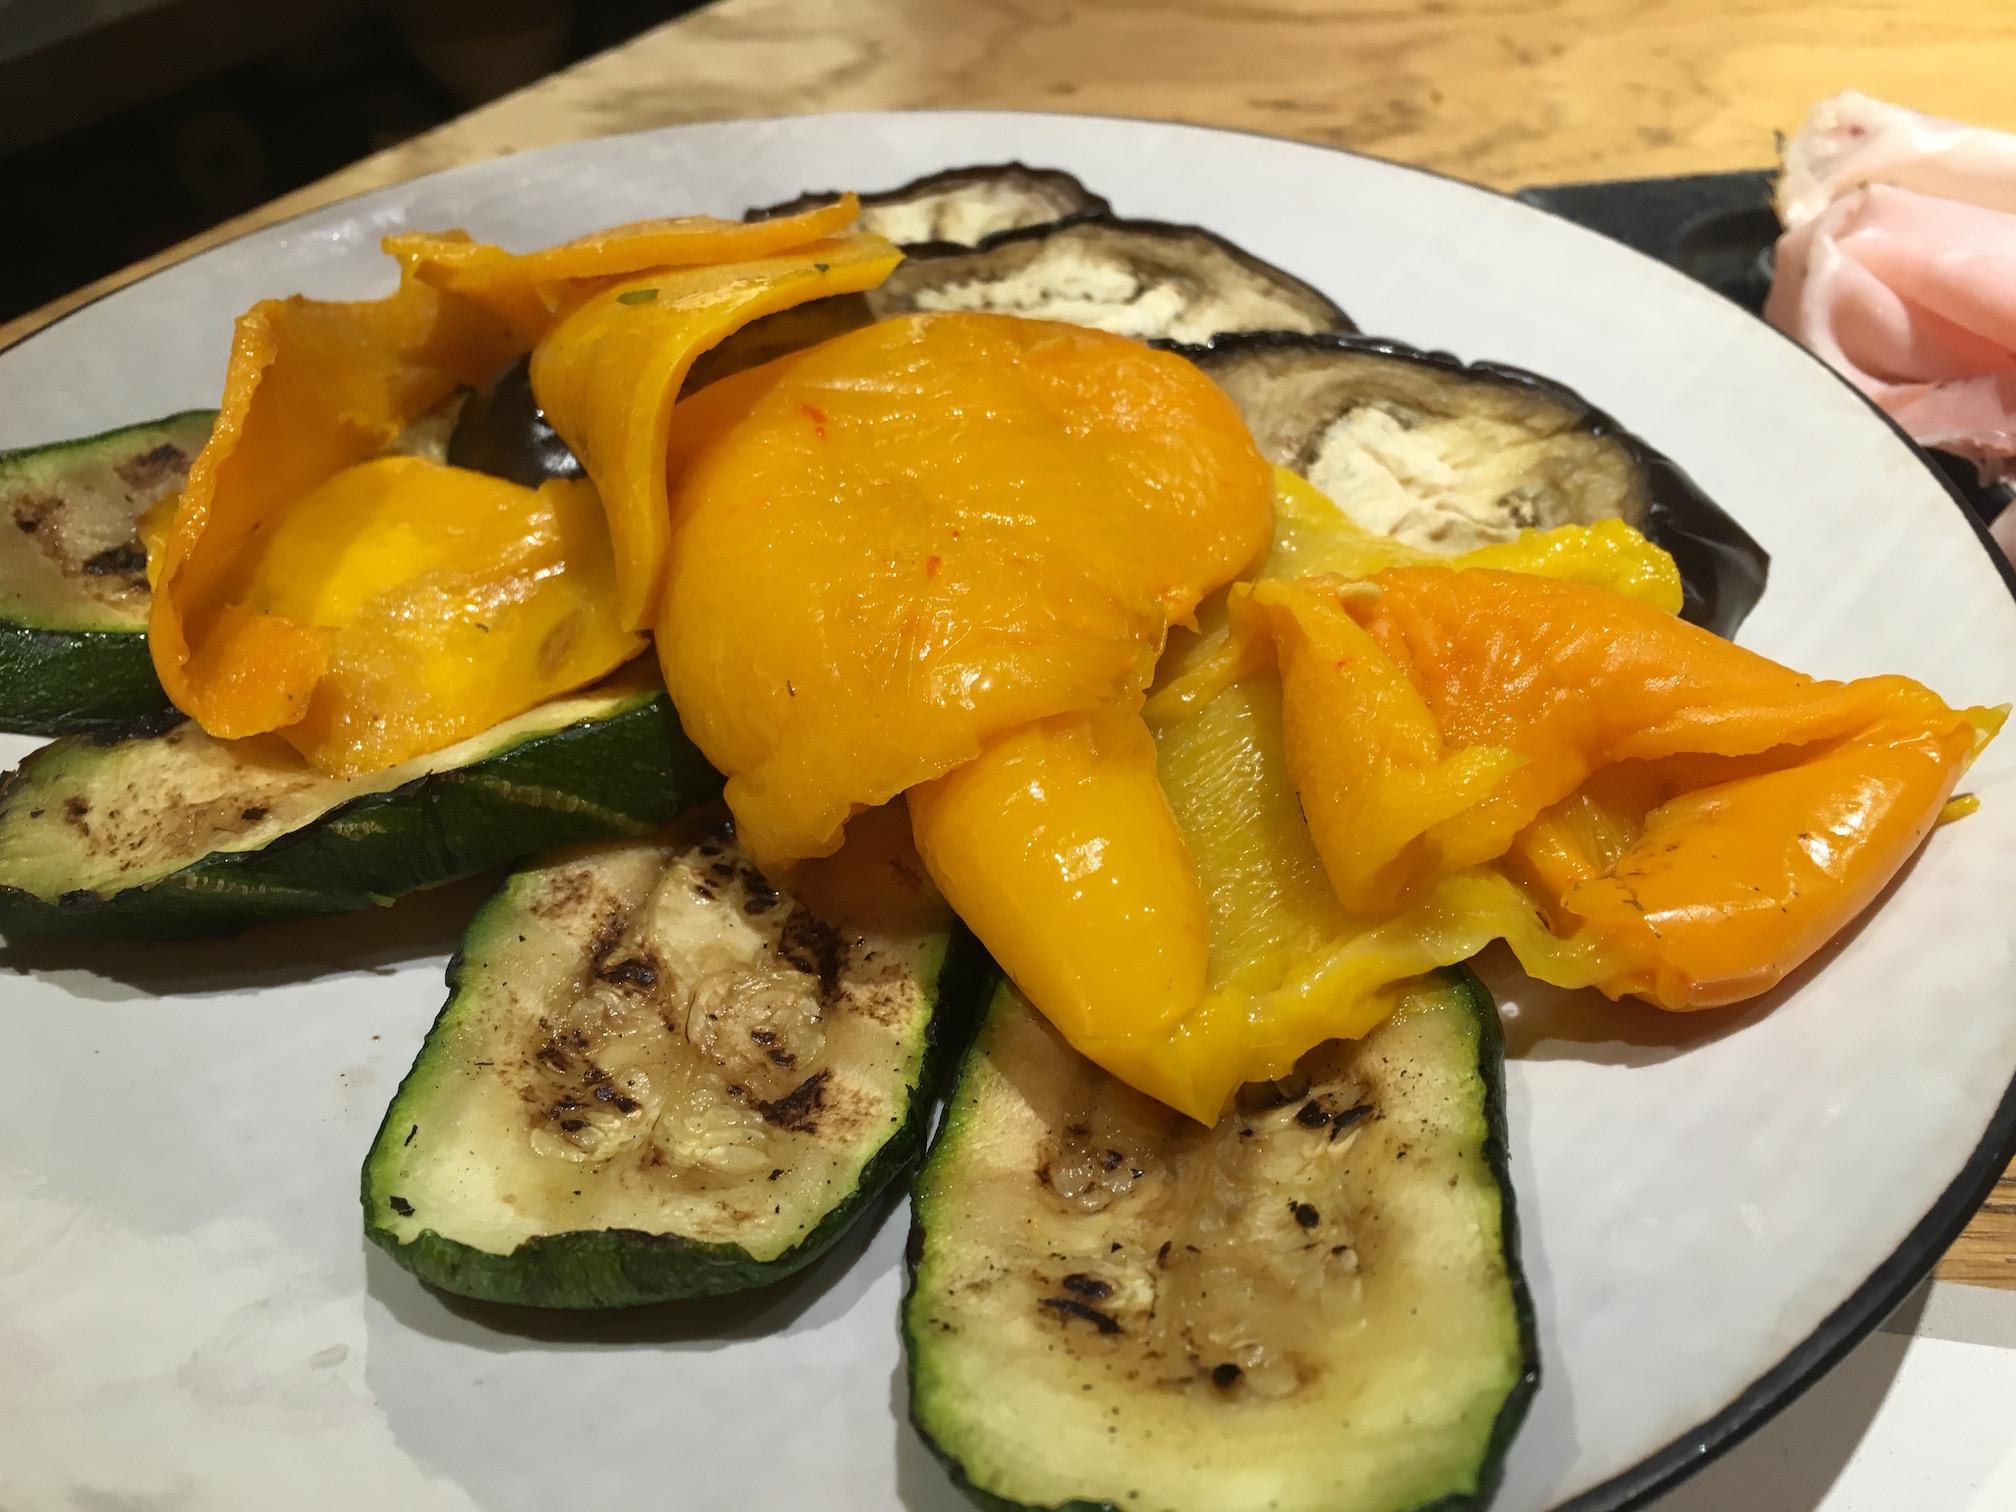 The grilled vegetable platter